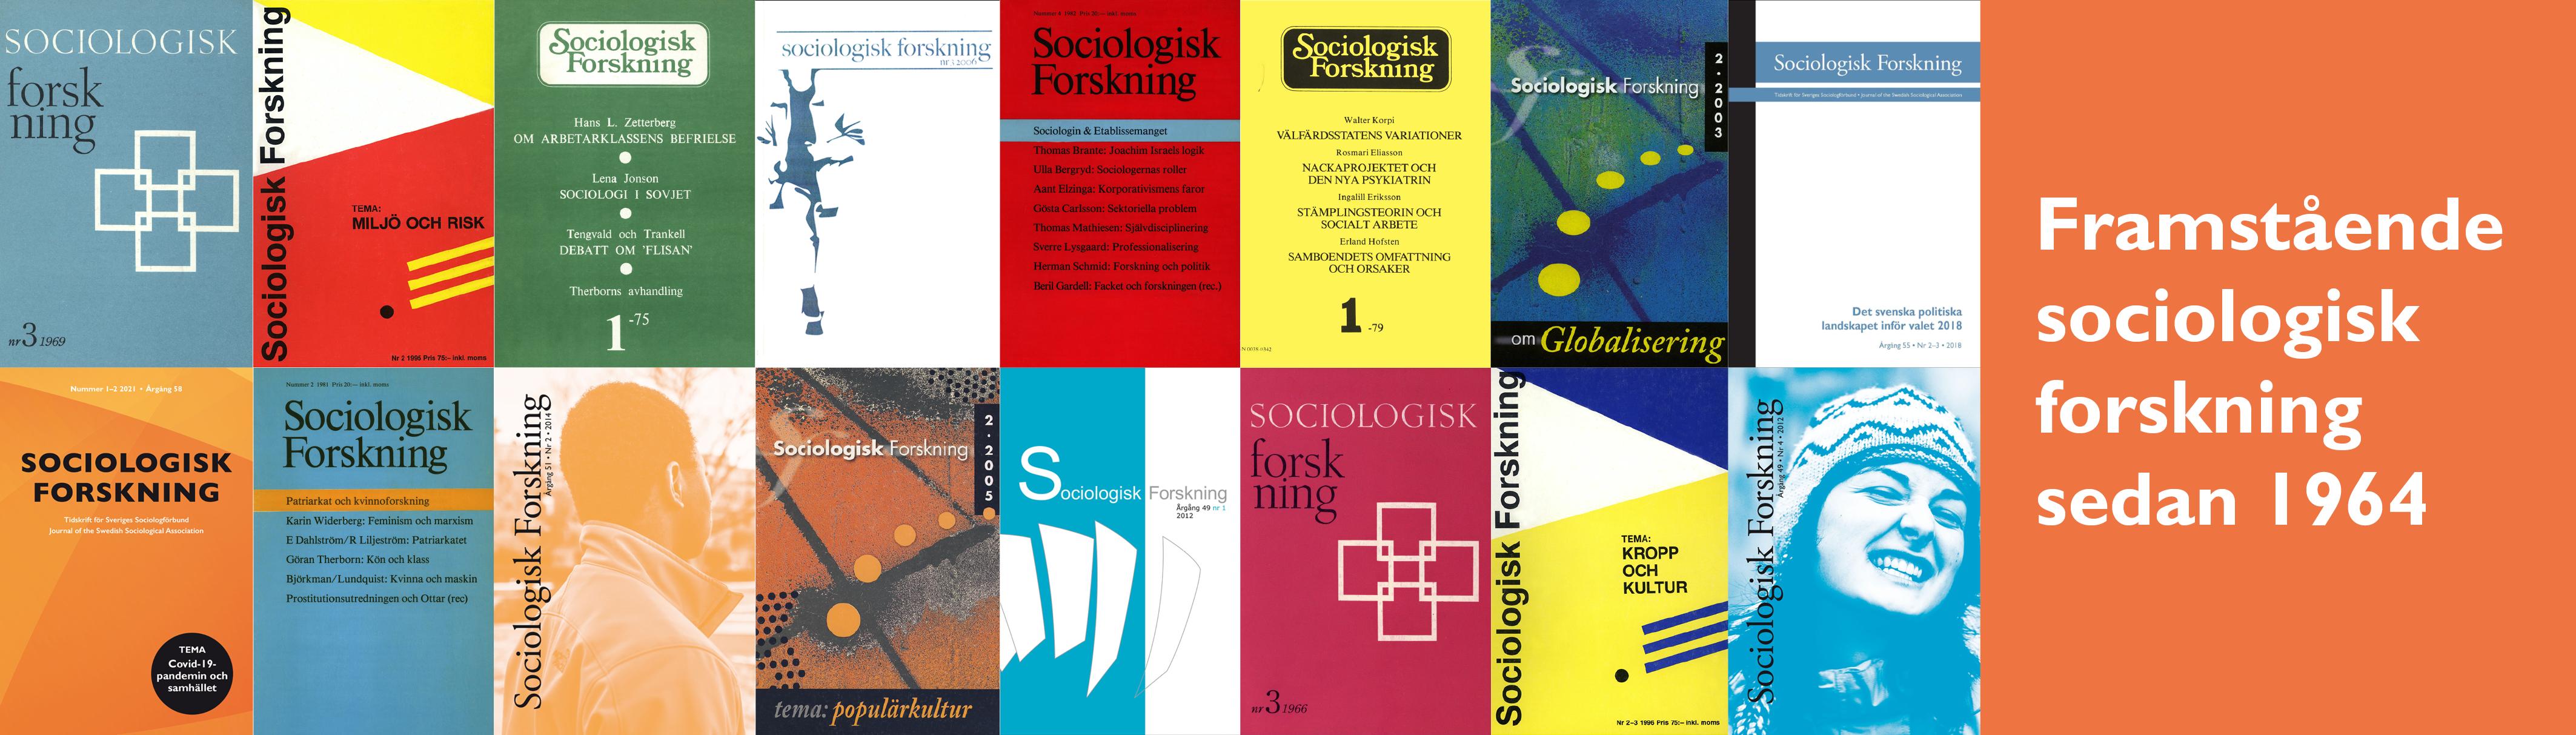 Sociologisk Forskning i framkant